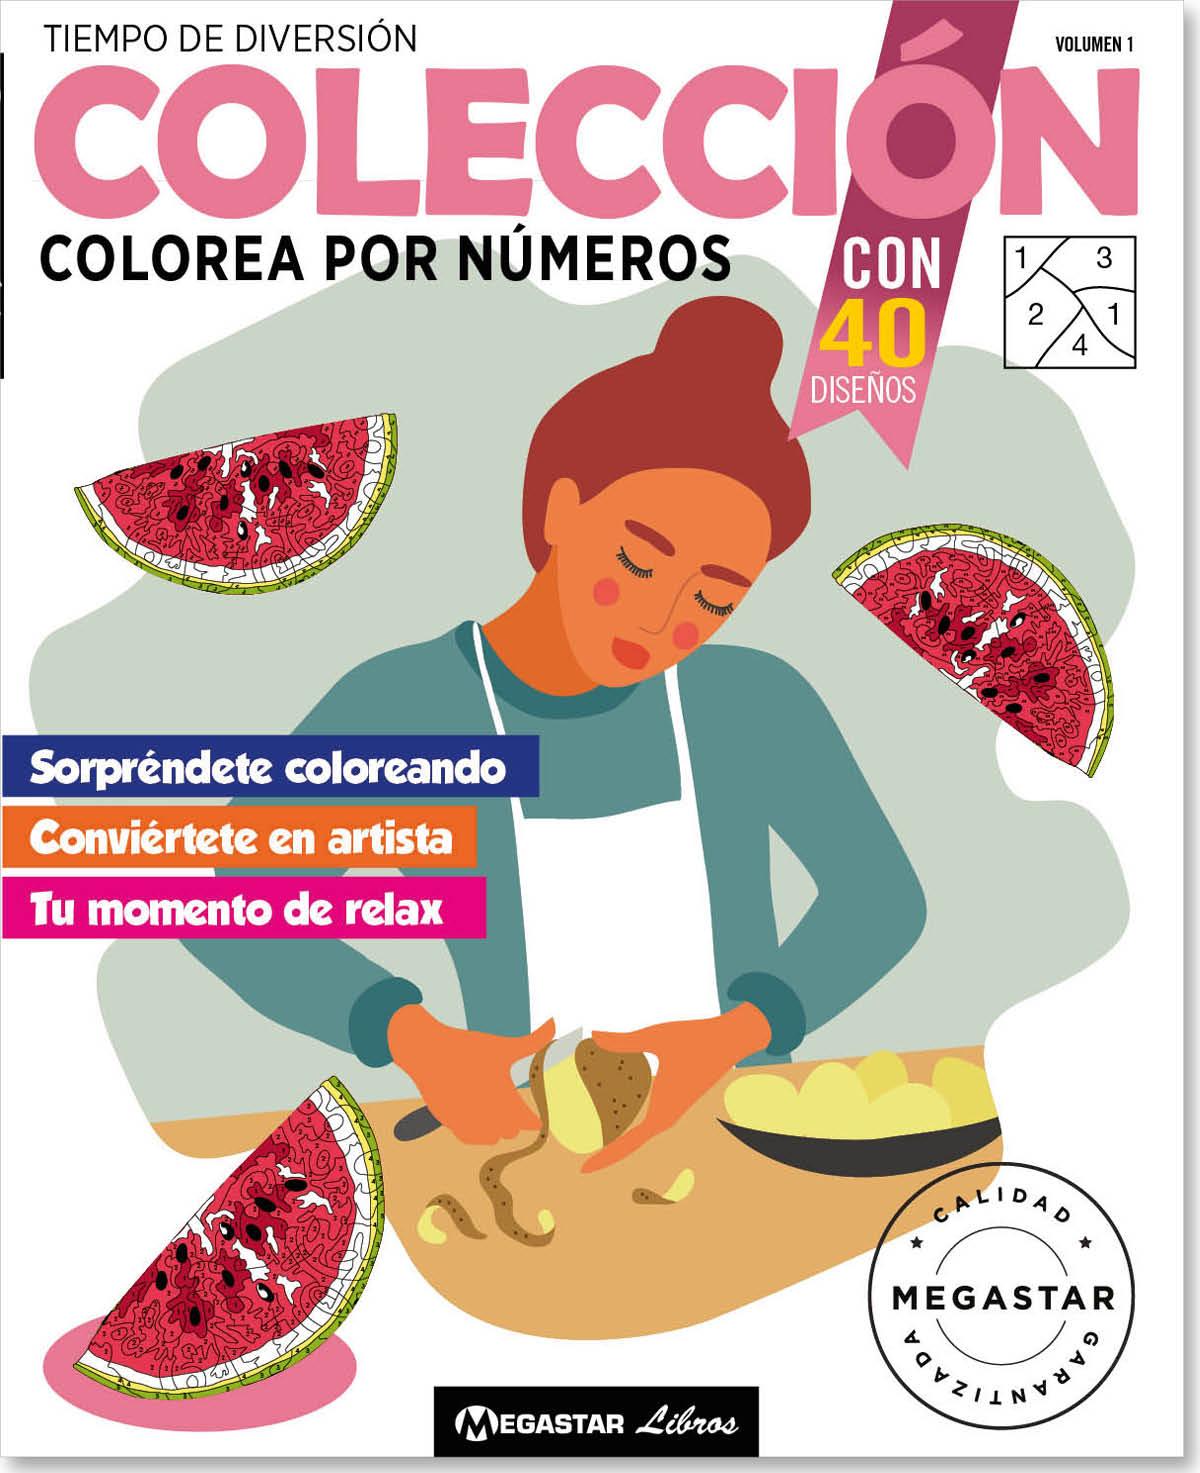 Colección Colorea por números Vol1